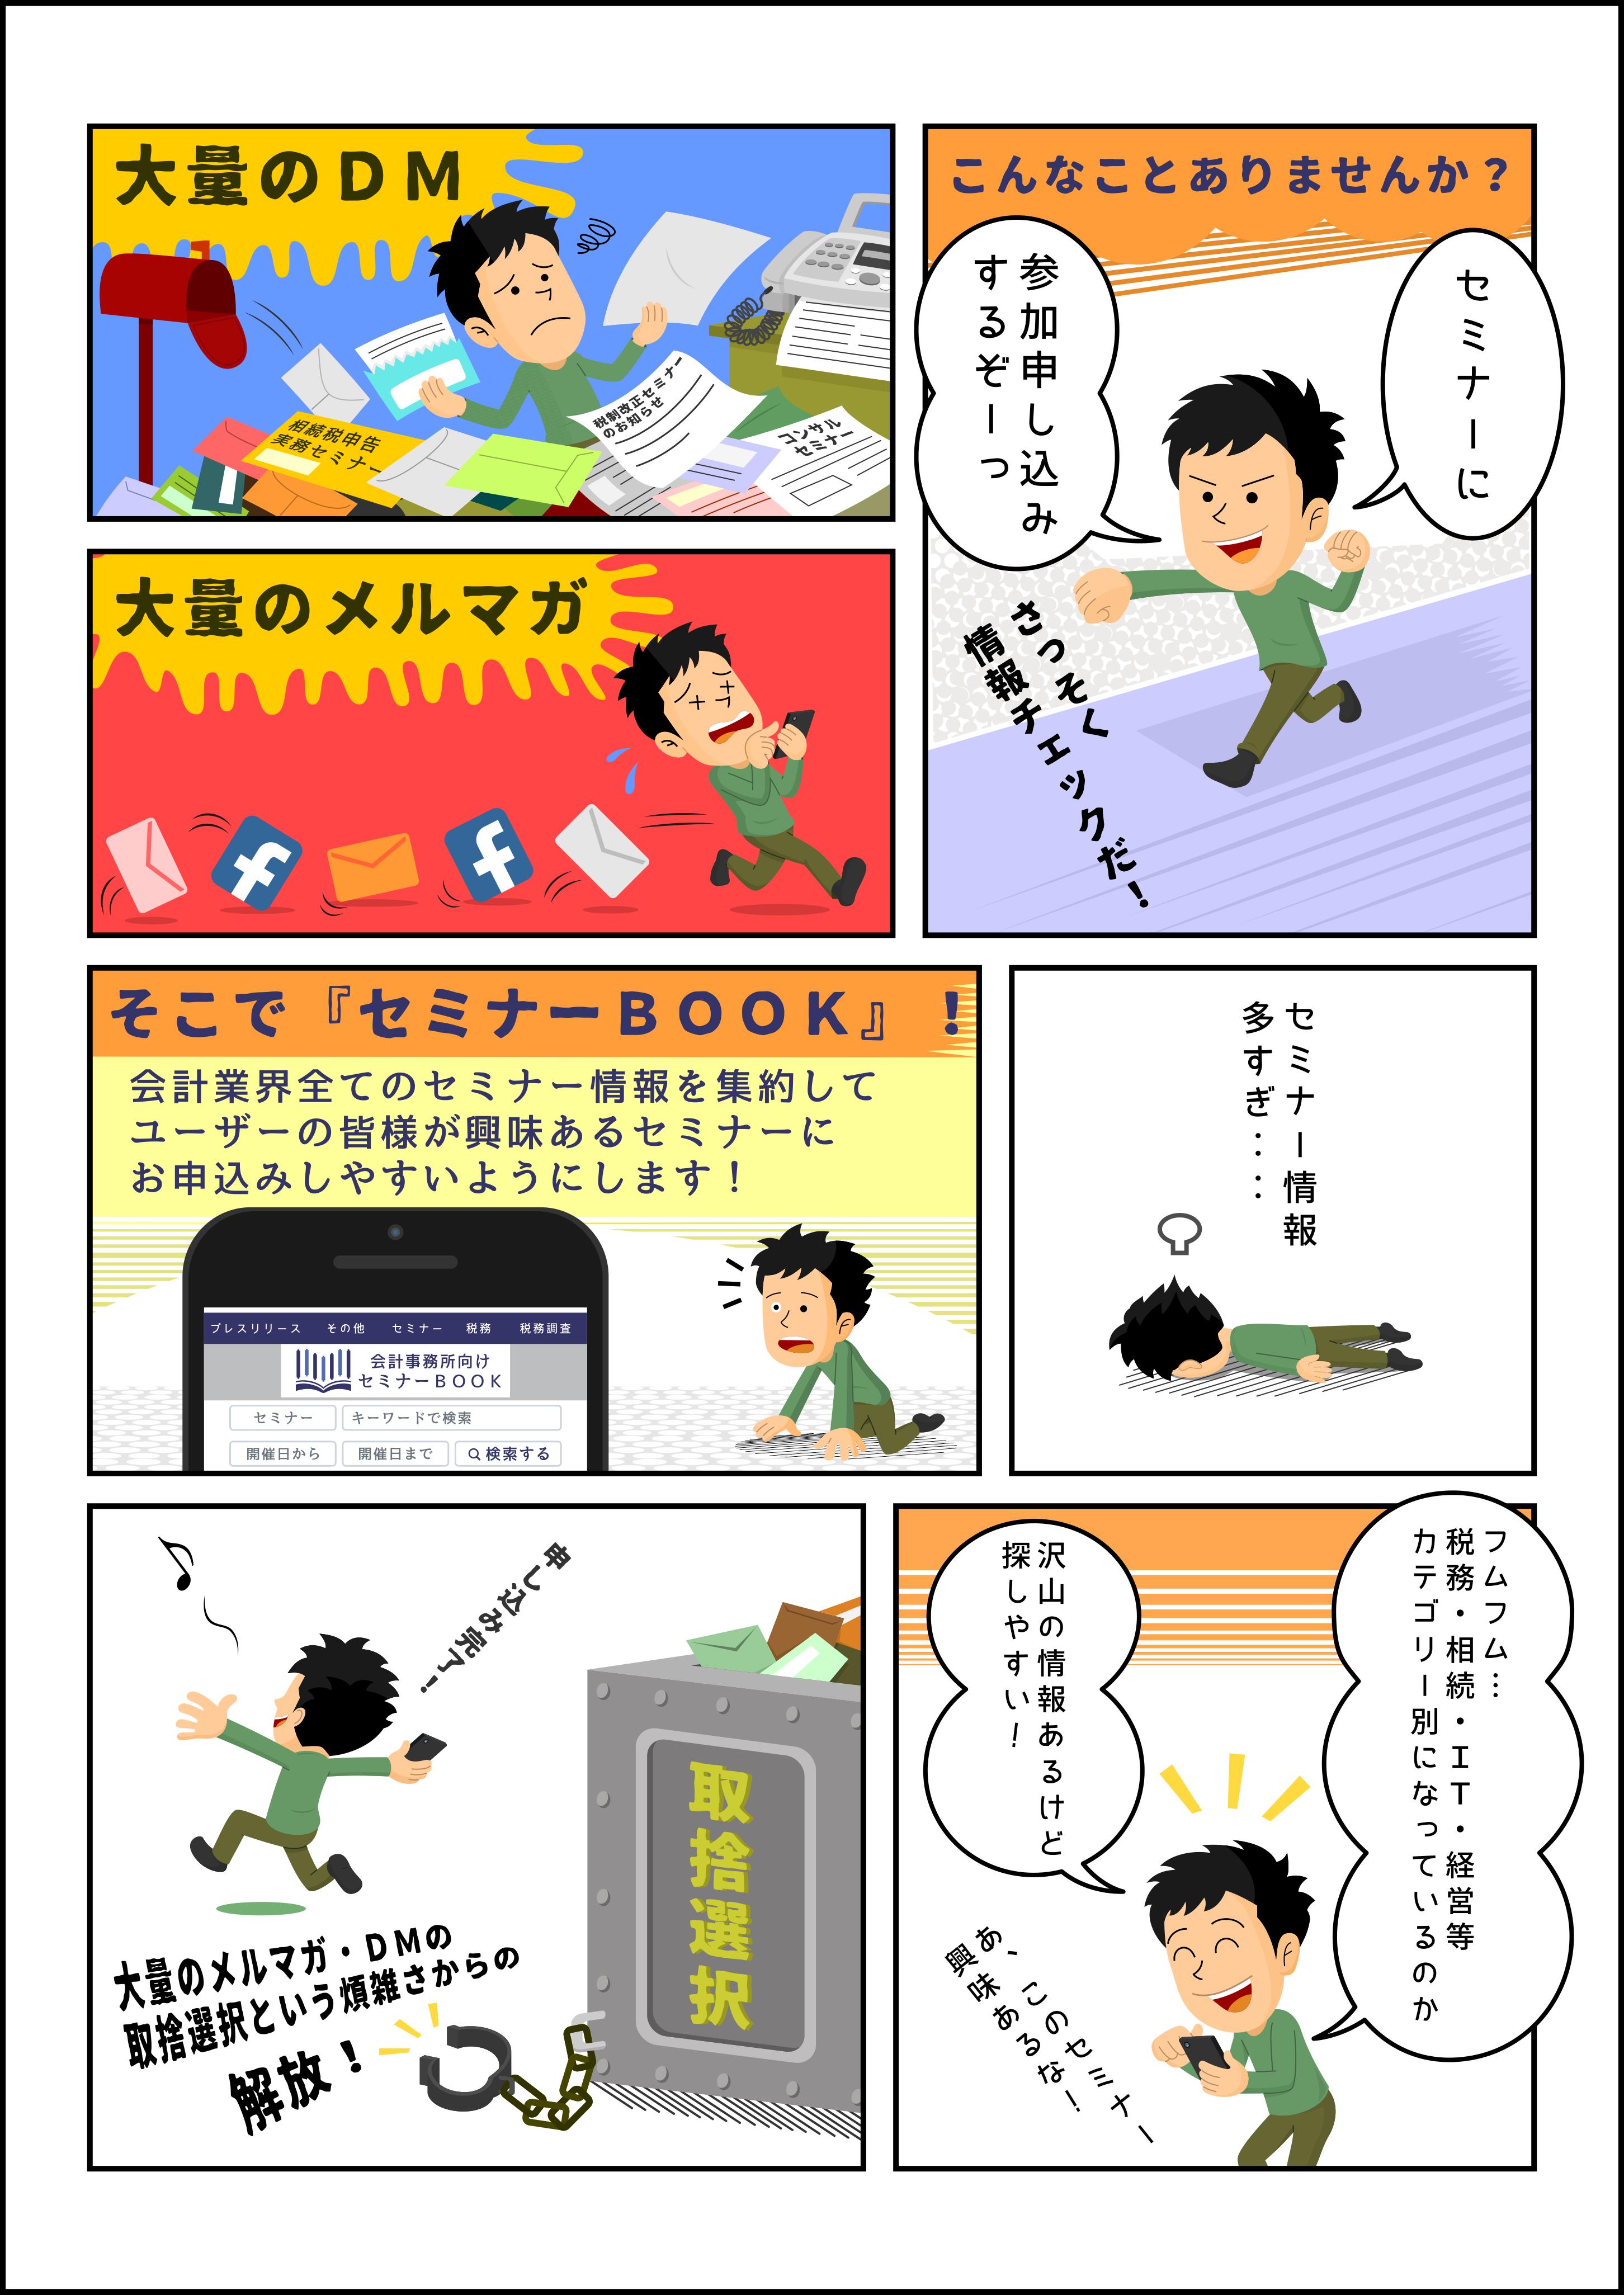 会員マイページ画面の漫画